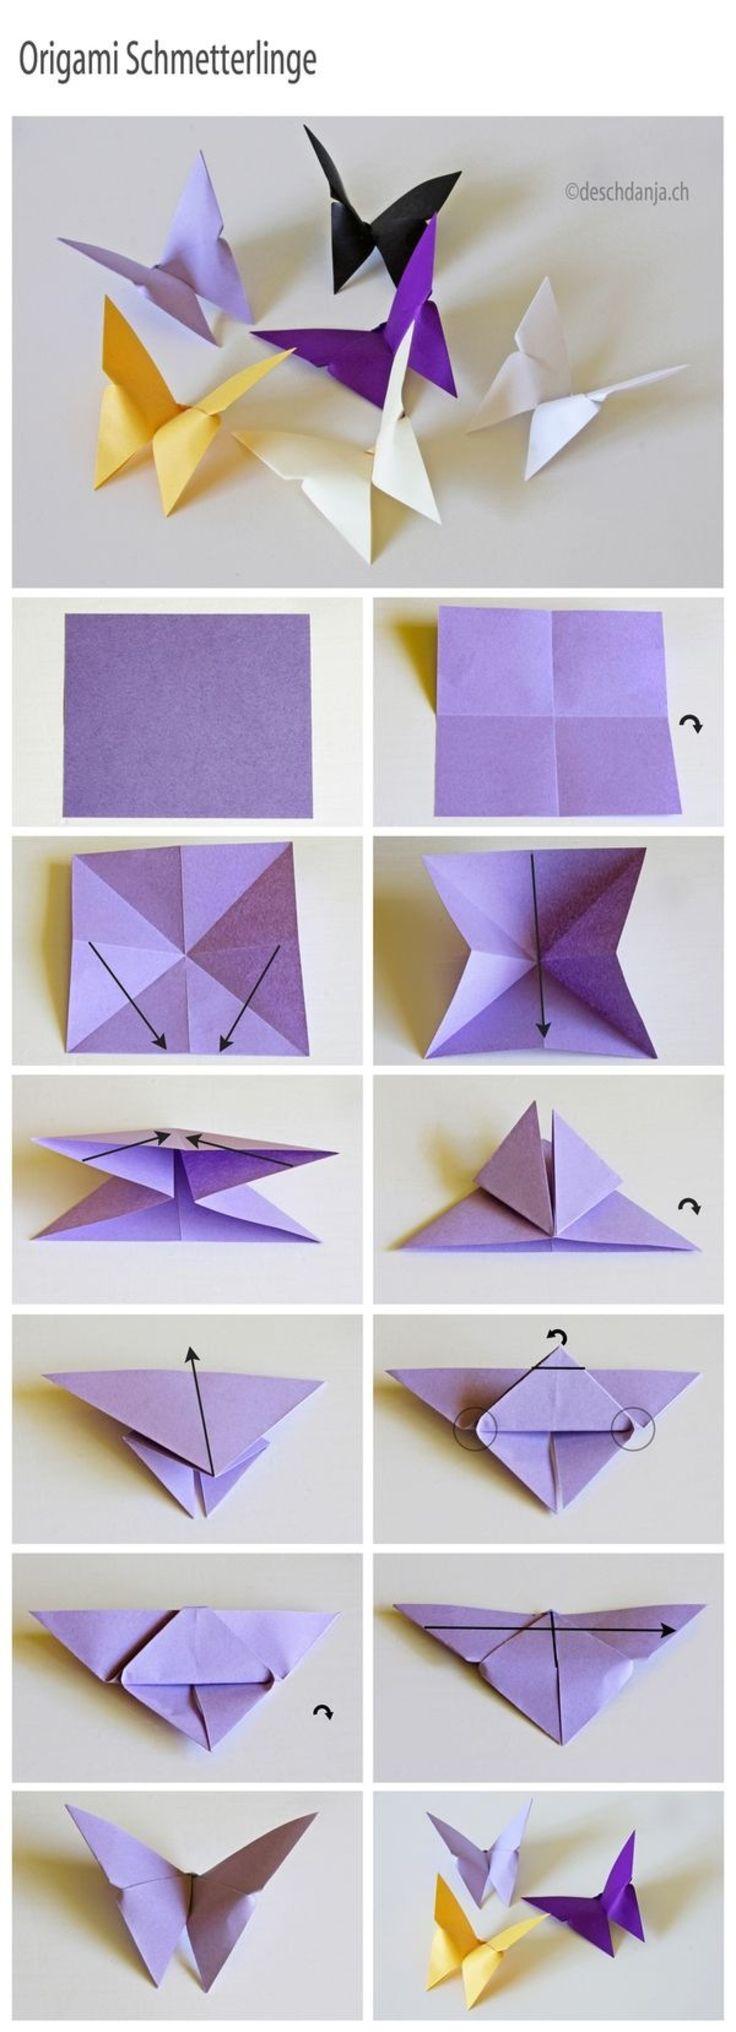 手工达人的折纸教程